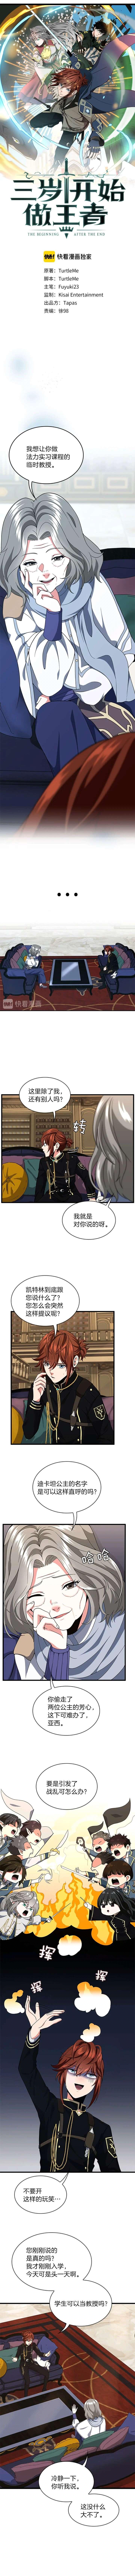 【漫画更新】三岁开始做王者 96话-小柚妹站